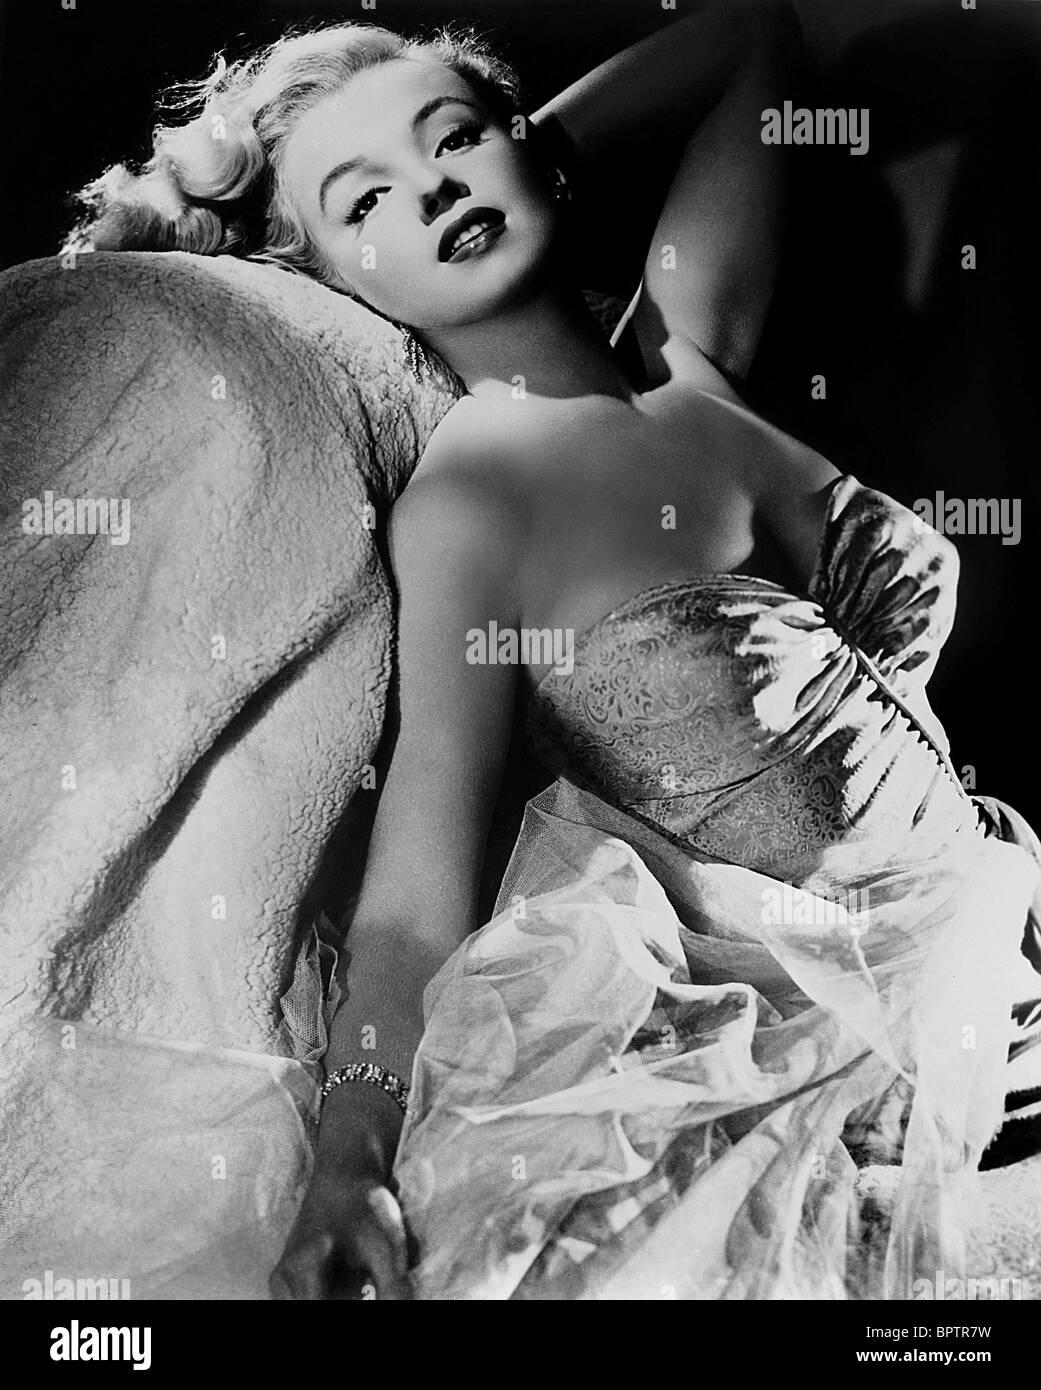 MARILYN MONROE ACTRESS (1953) - Stock Image